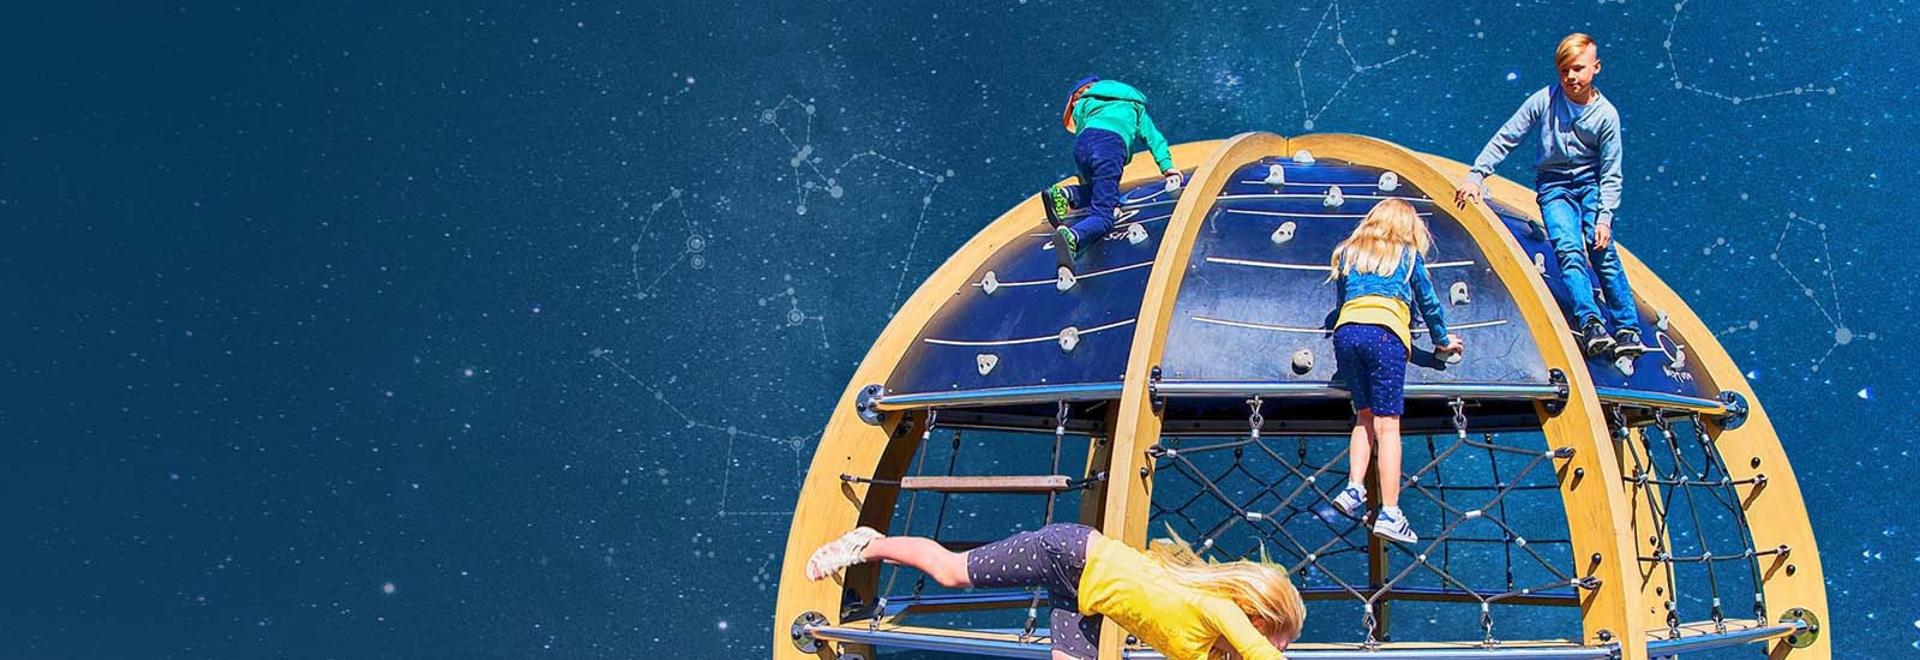 Neu! Spiel-Planetarium ist einzigartigen Spielgeräte und eine Lernumgebung.